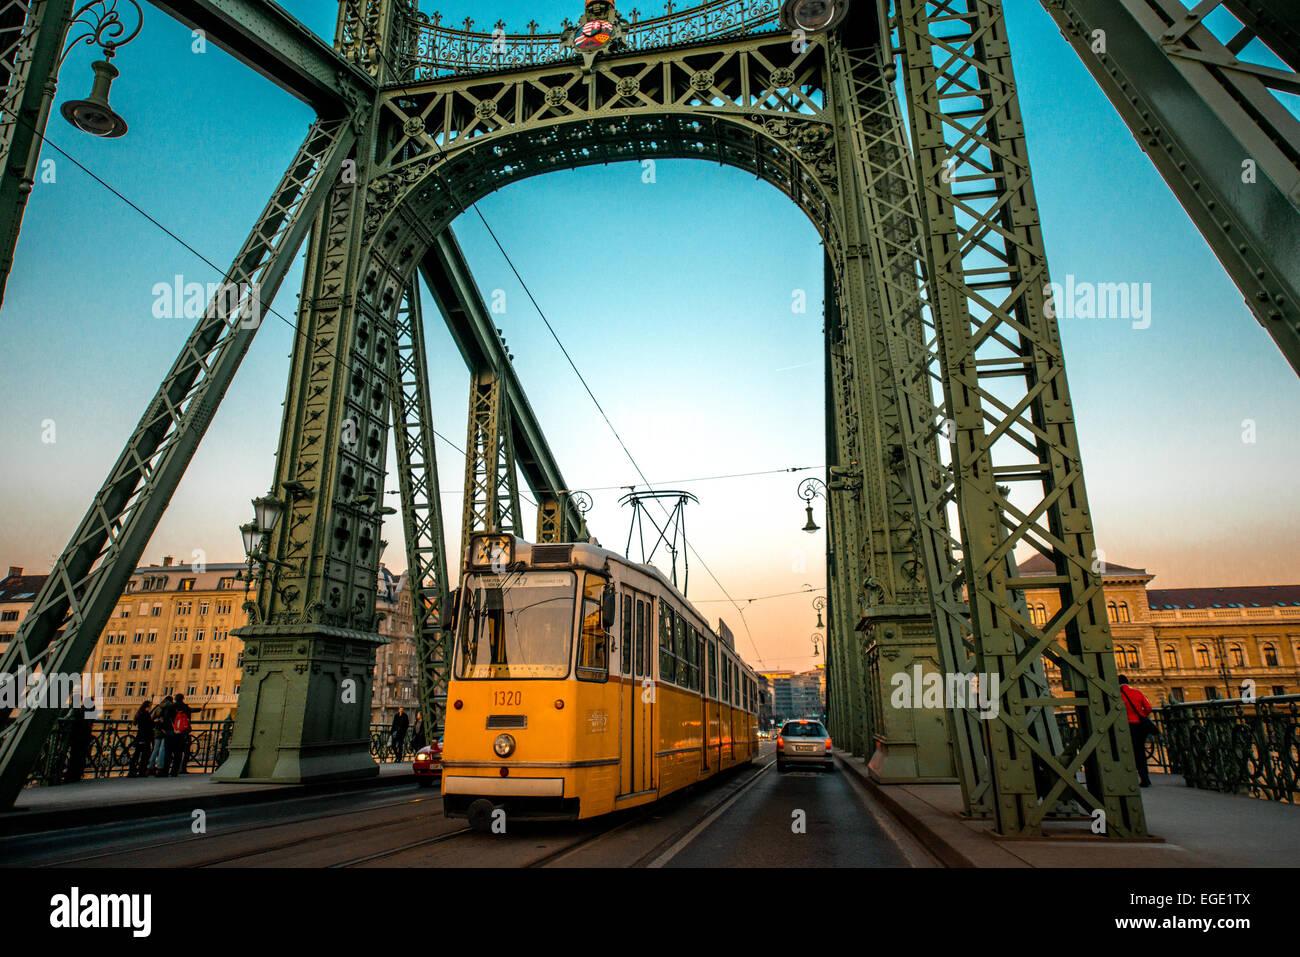 Chain Bridge and tram - Stock Image